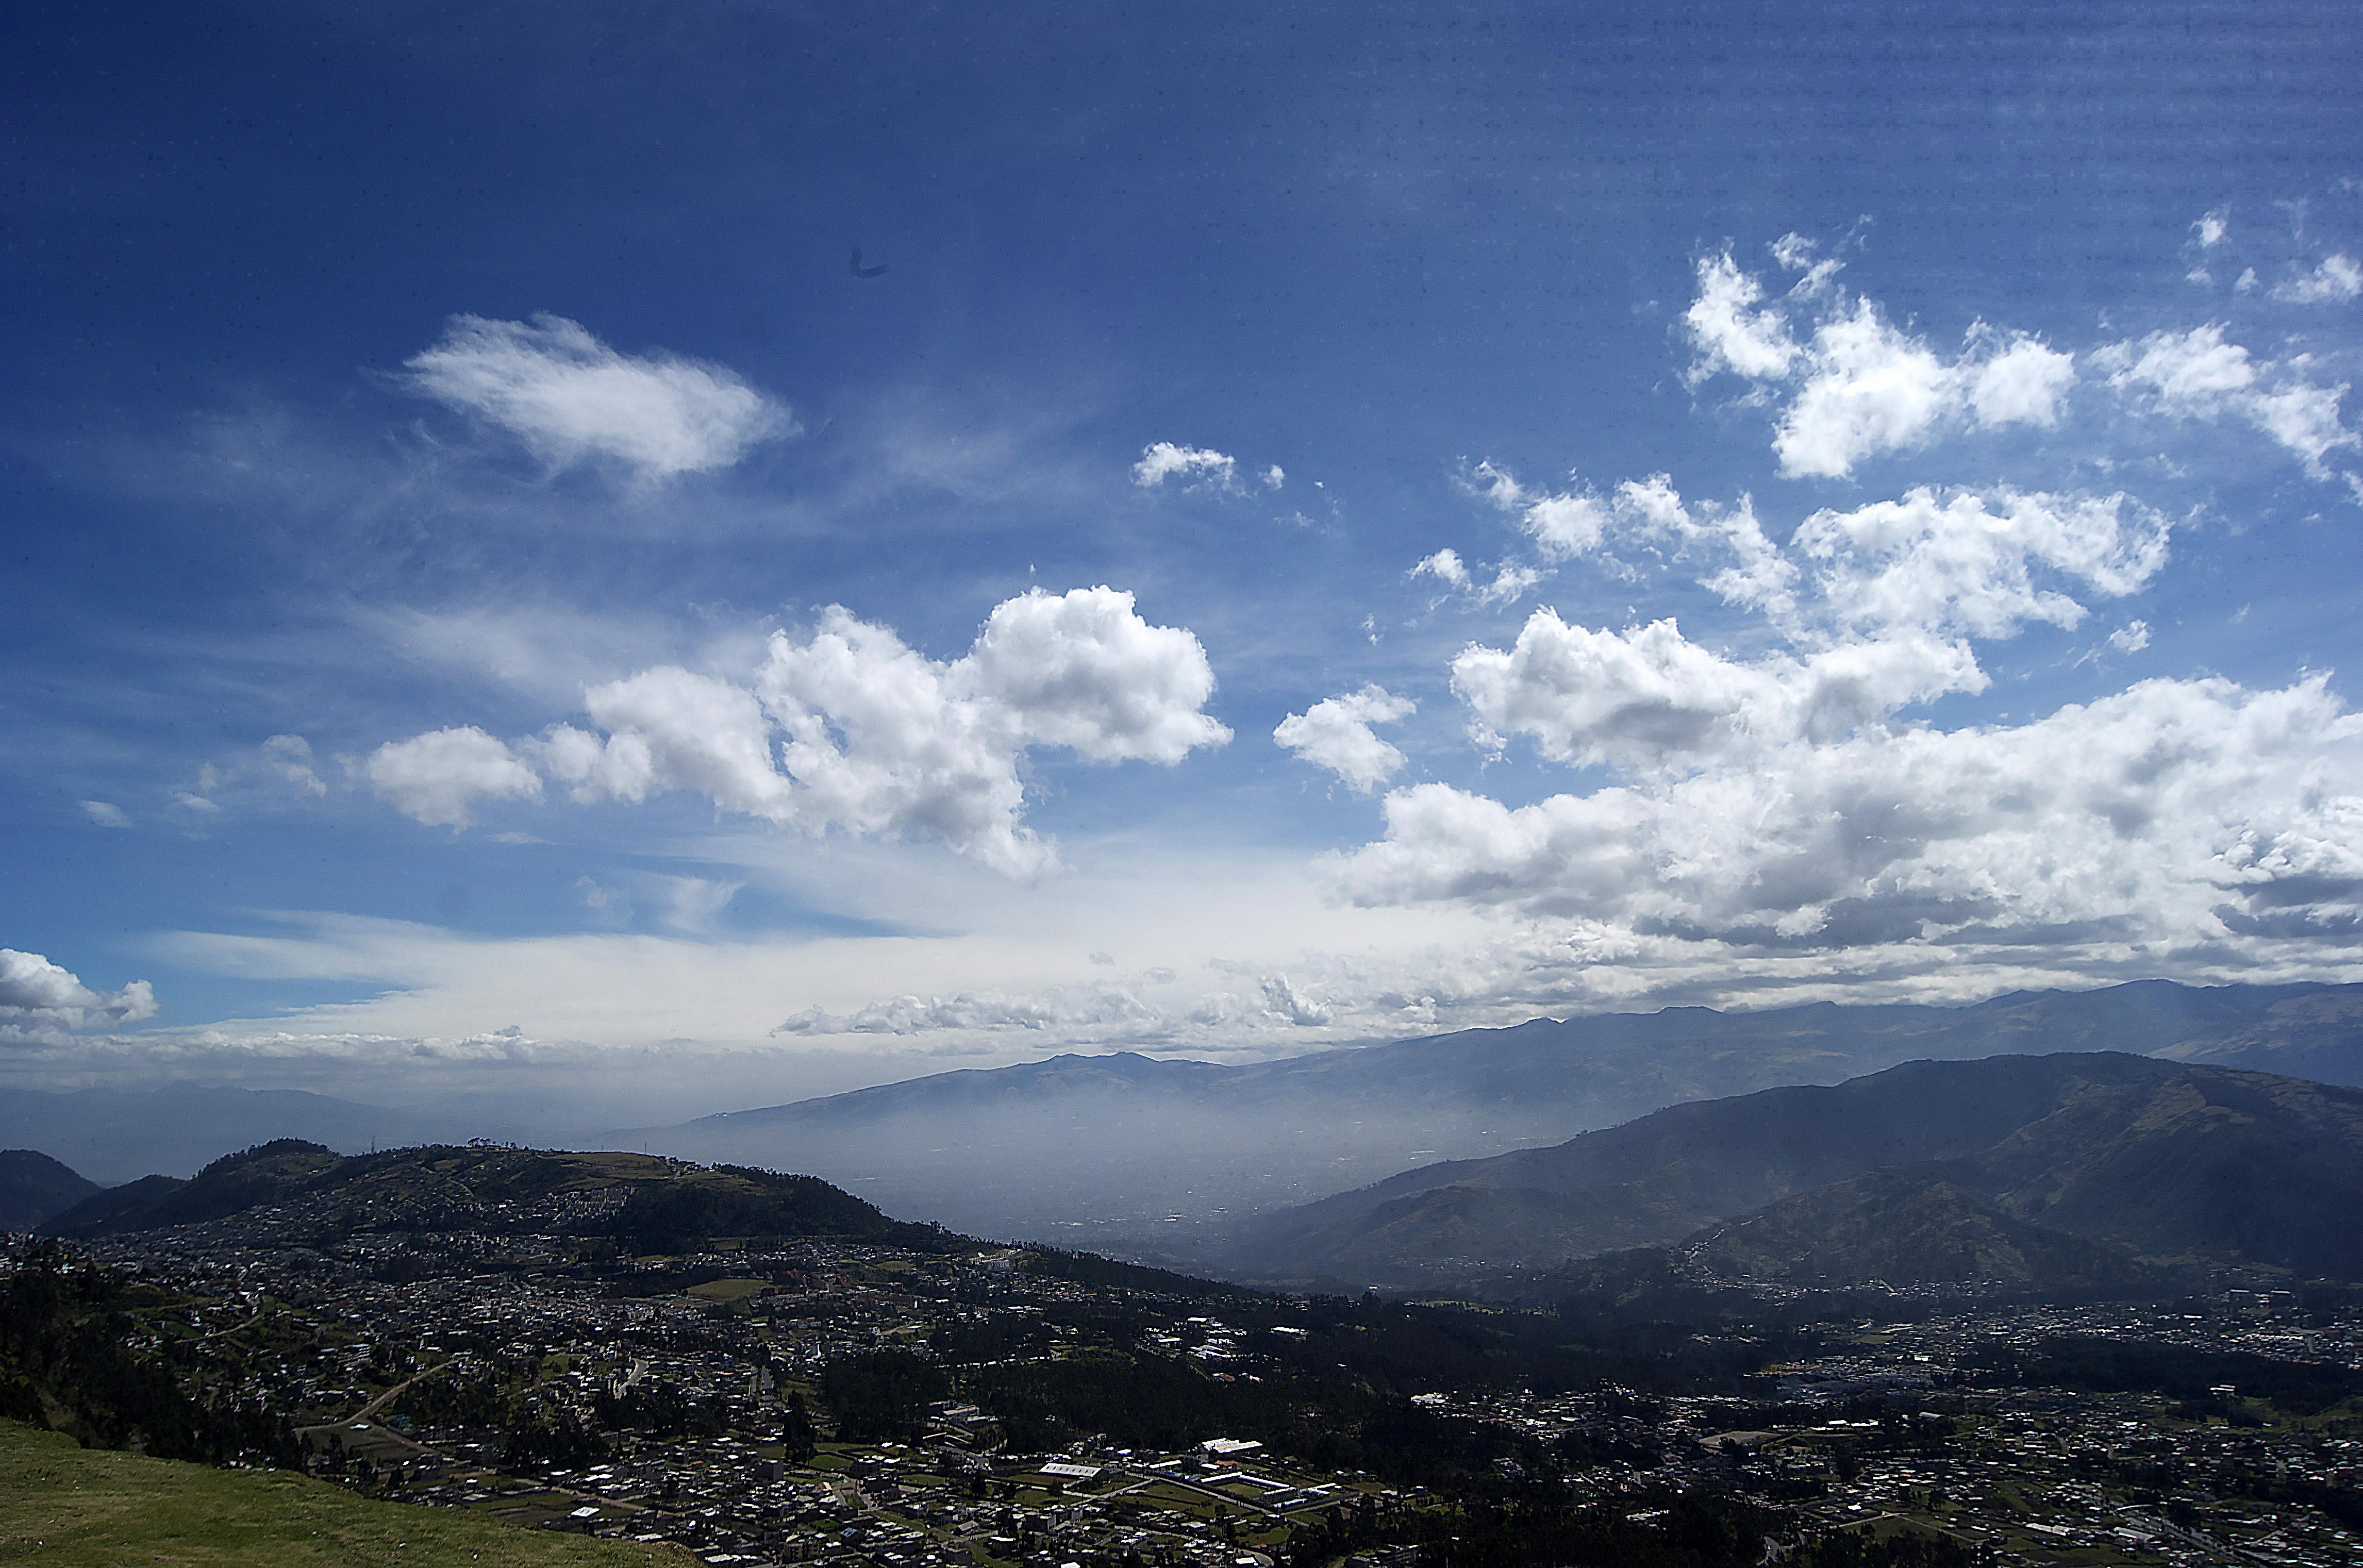 A work by Does - Quito equador skyline 1